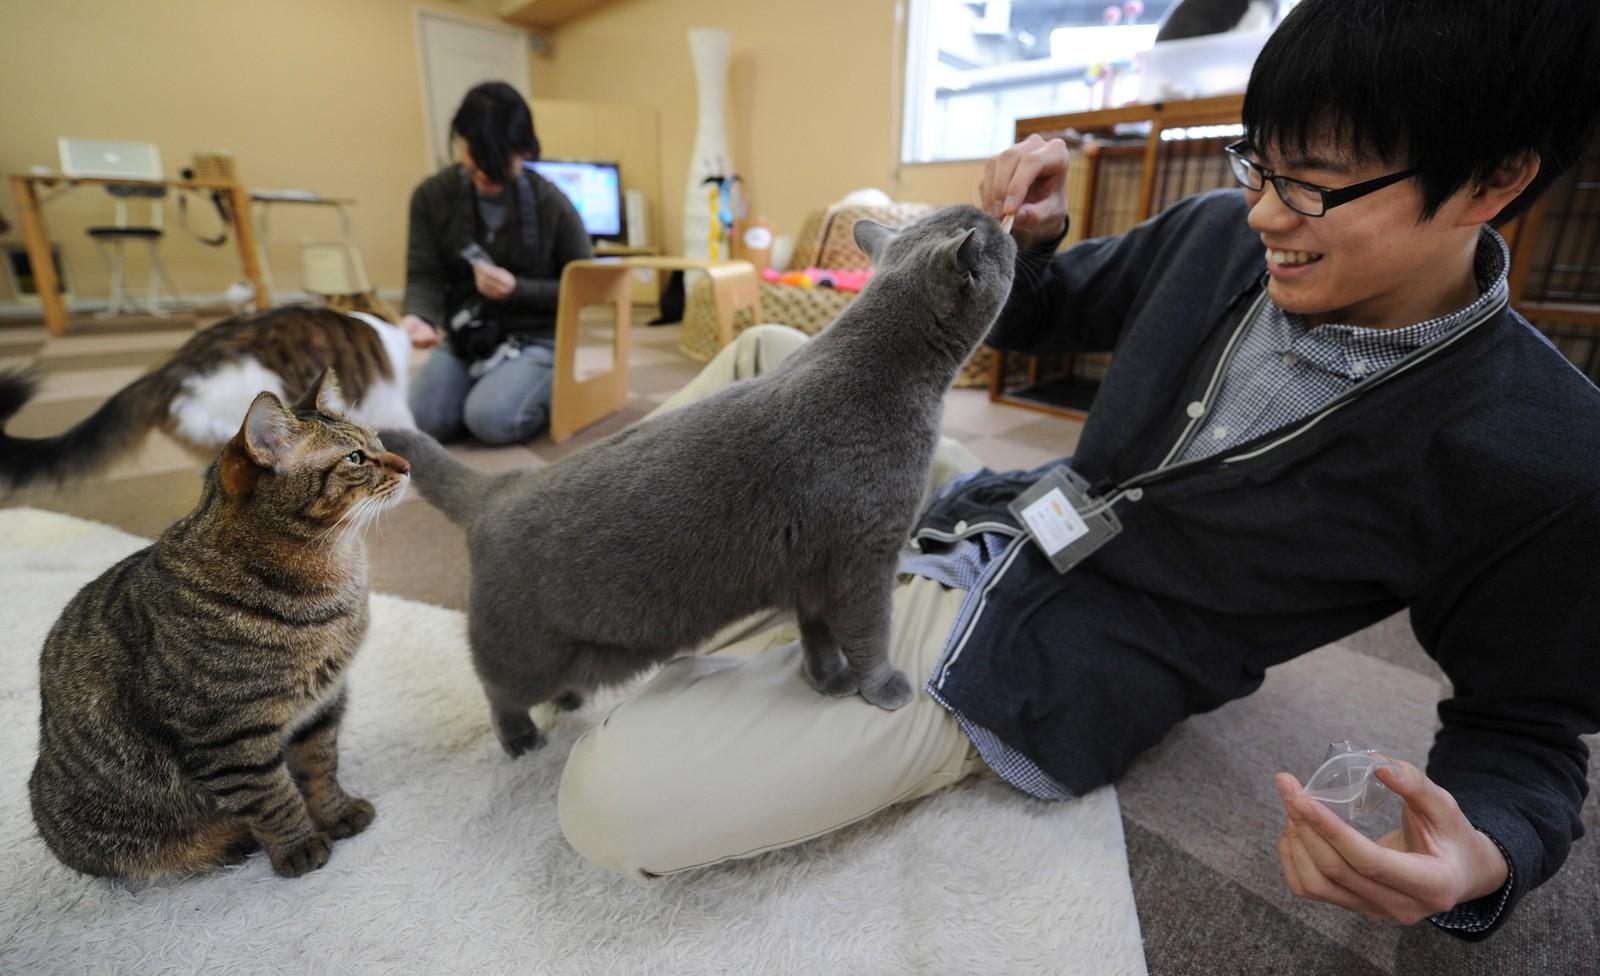 Noen kattekafeer i Japan har spesialisert seg på noen katteraser.